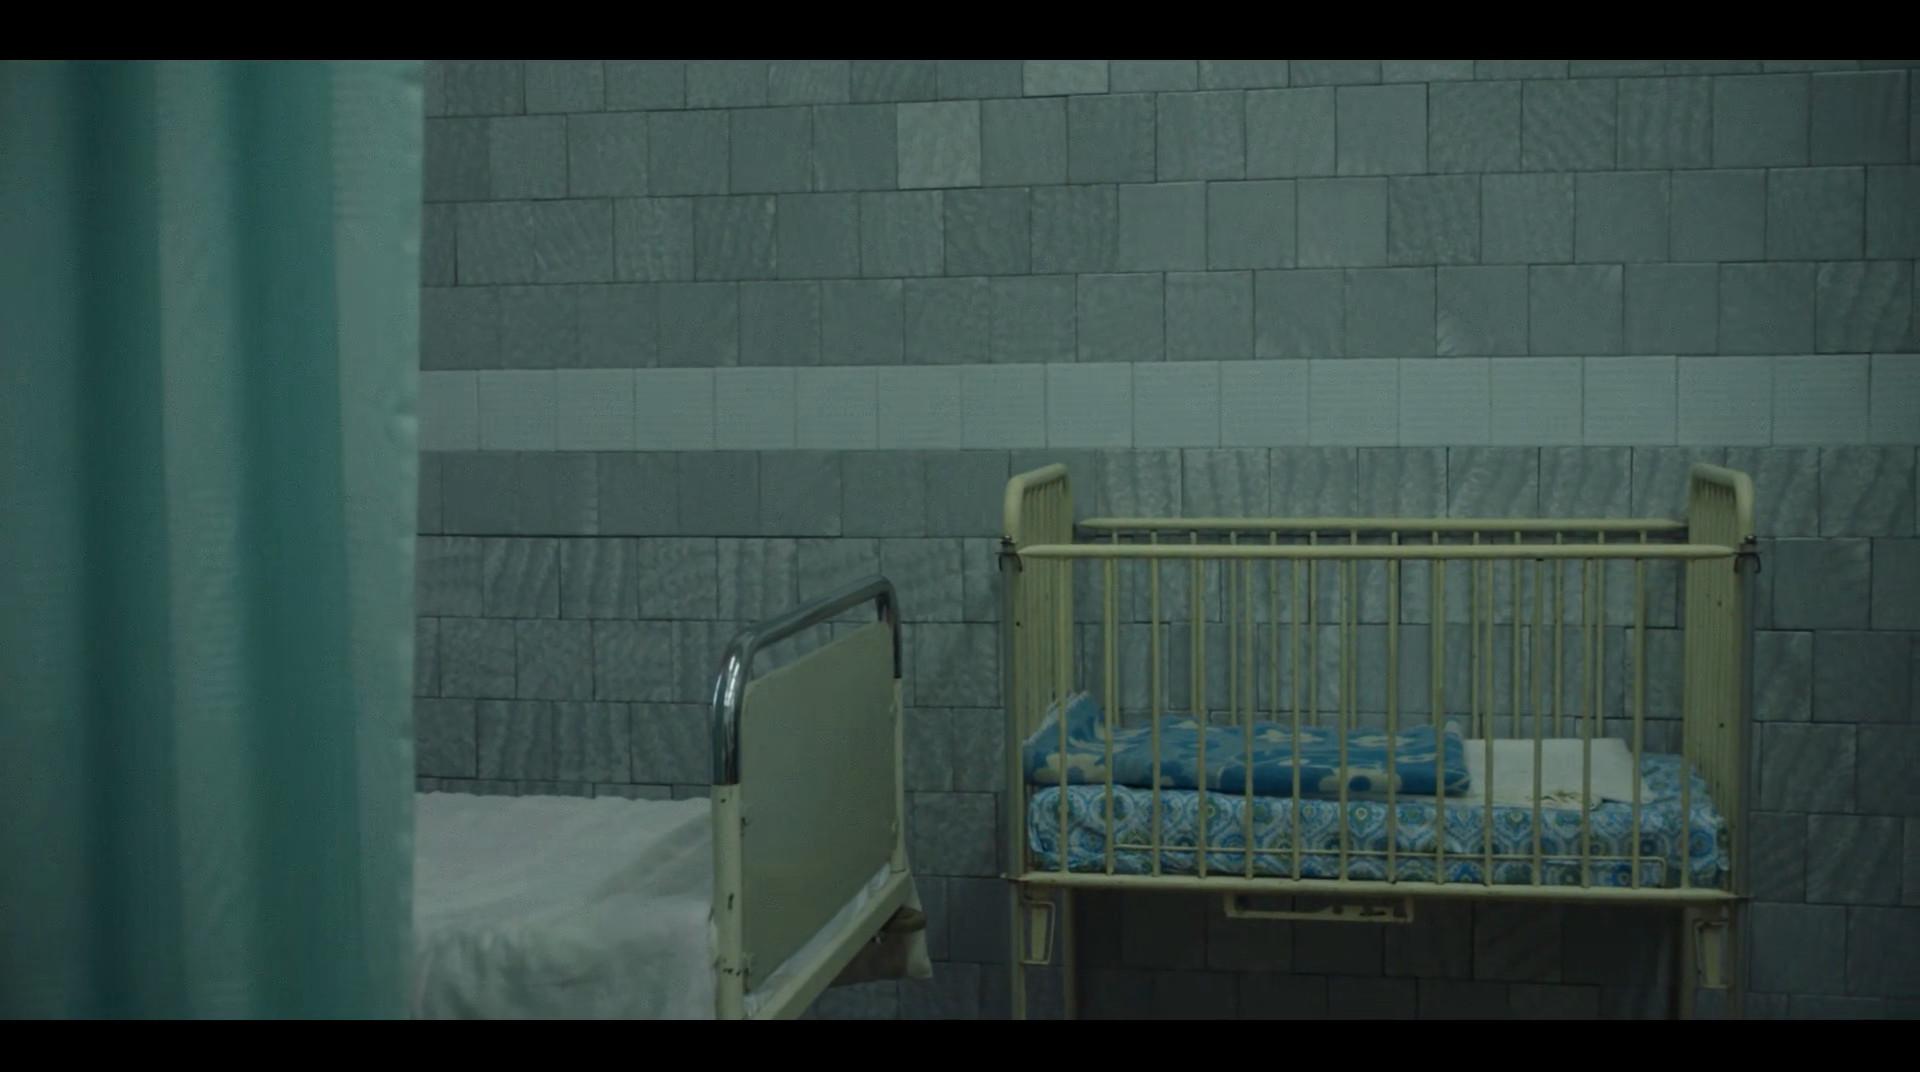 柳德米拉空荡的婴儿床